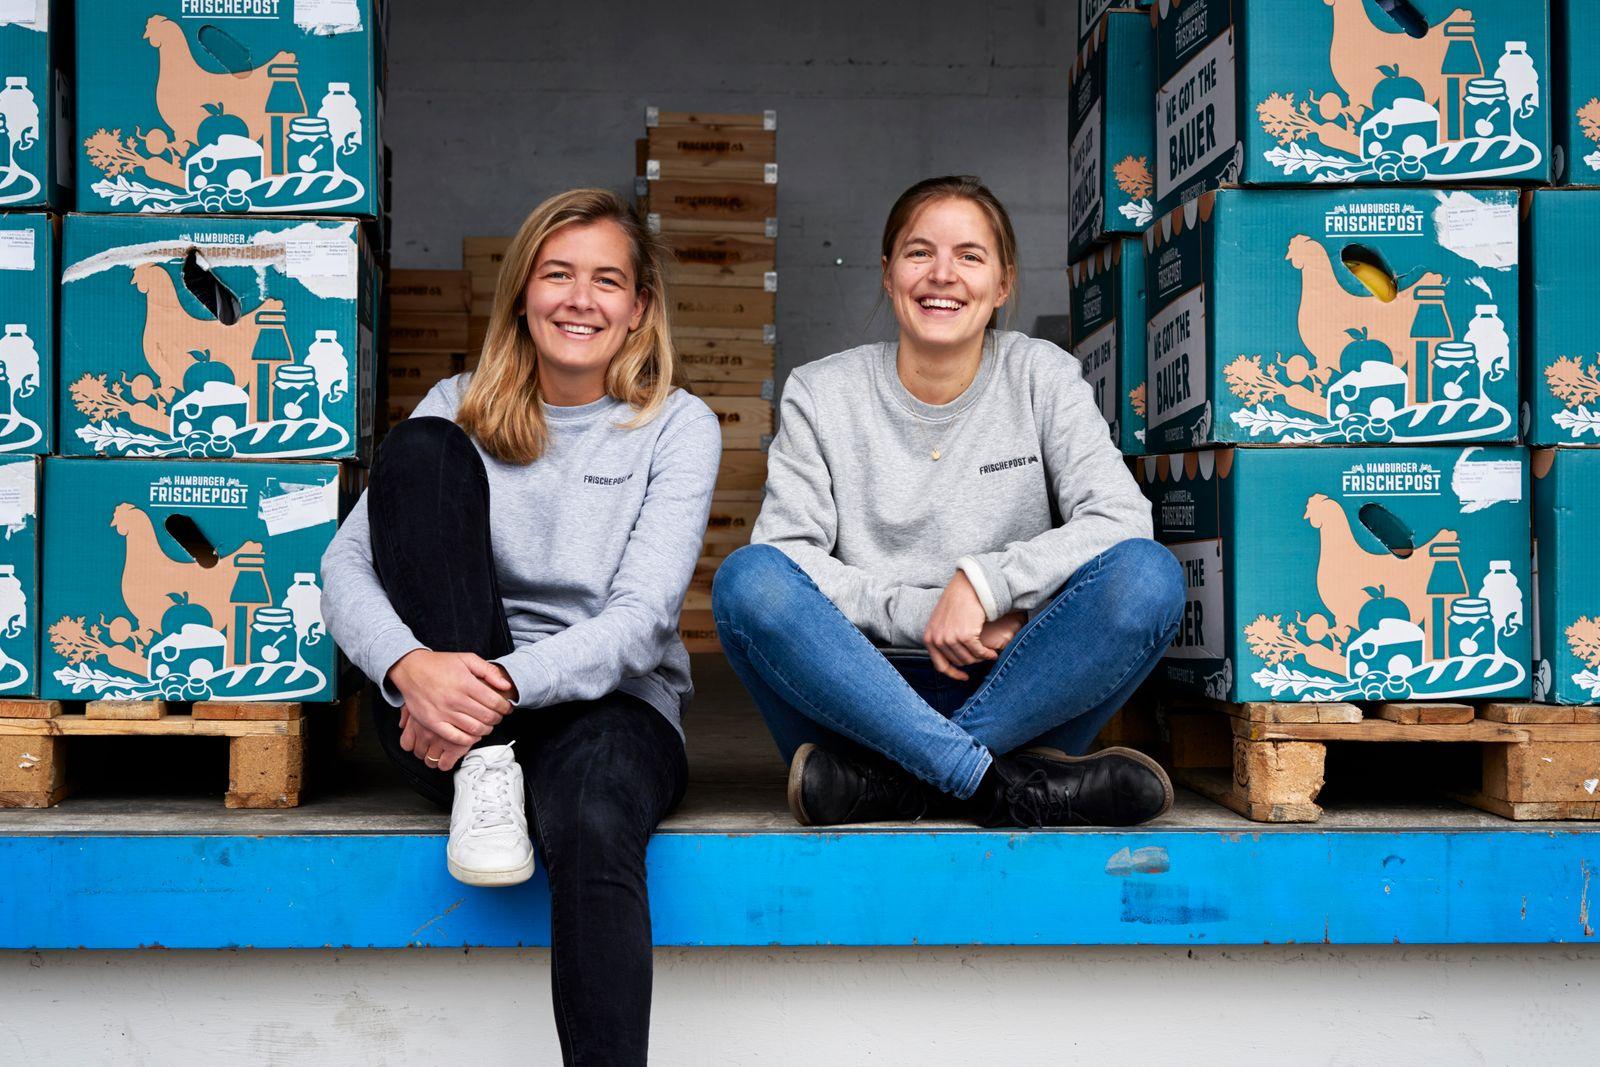 Frischepost Gründerinnen_Jule + Eva_2020 (3)